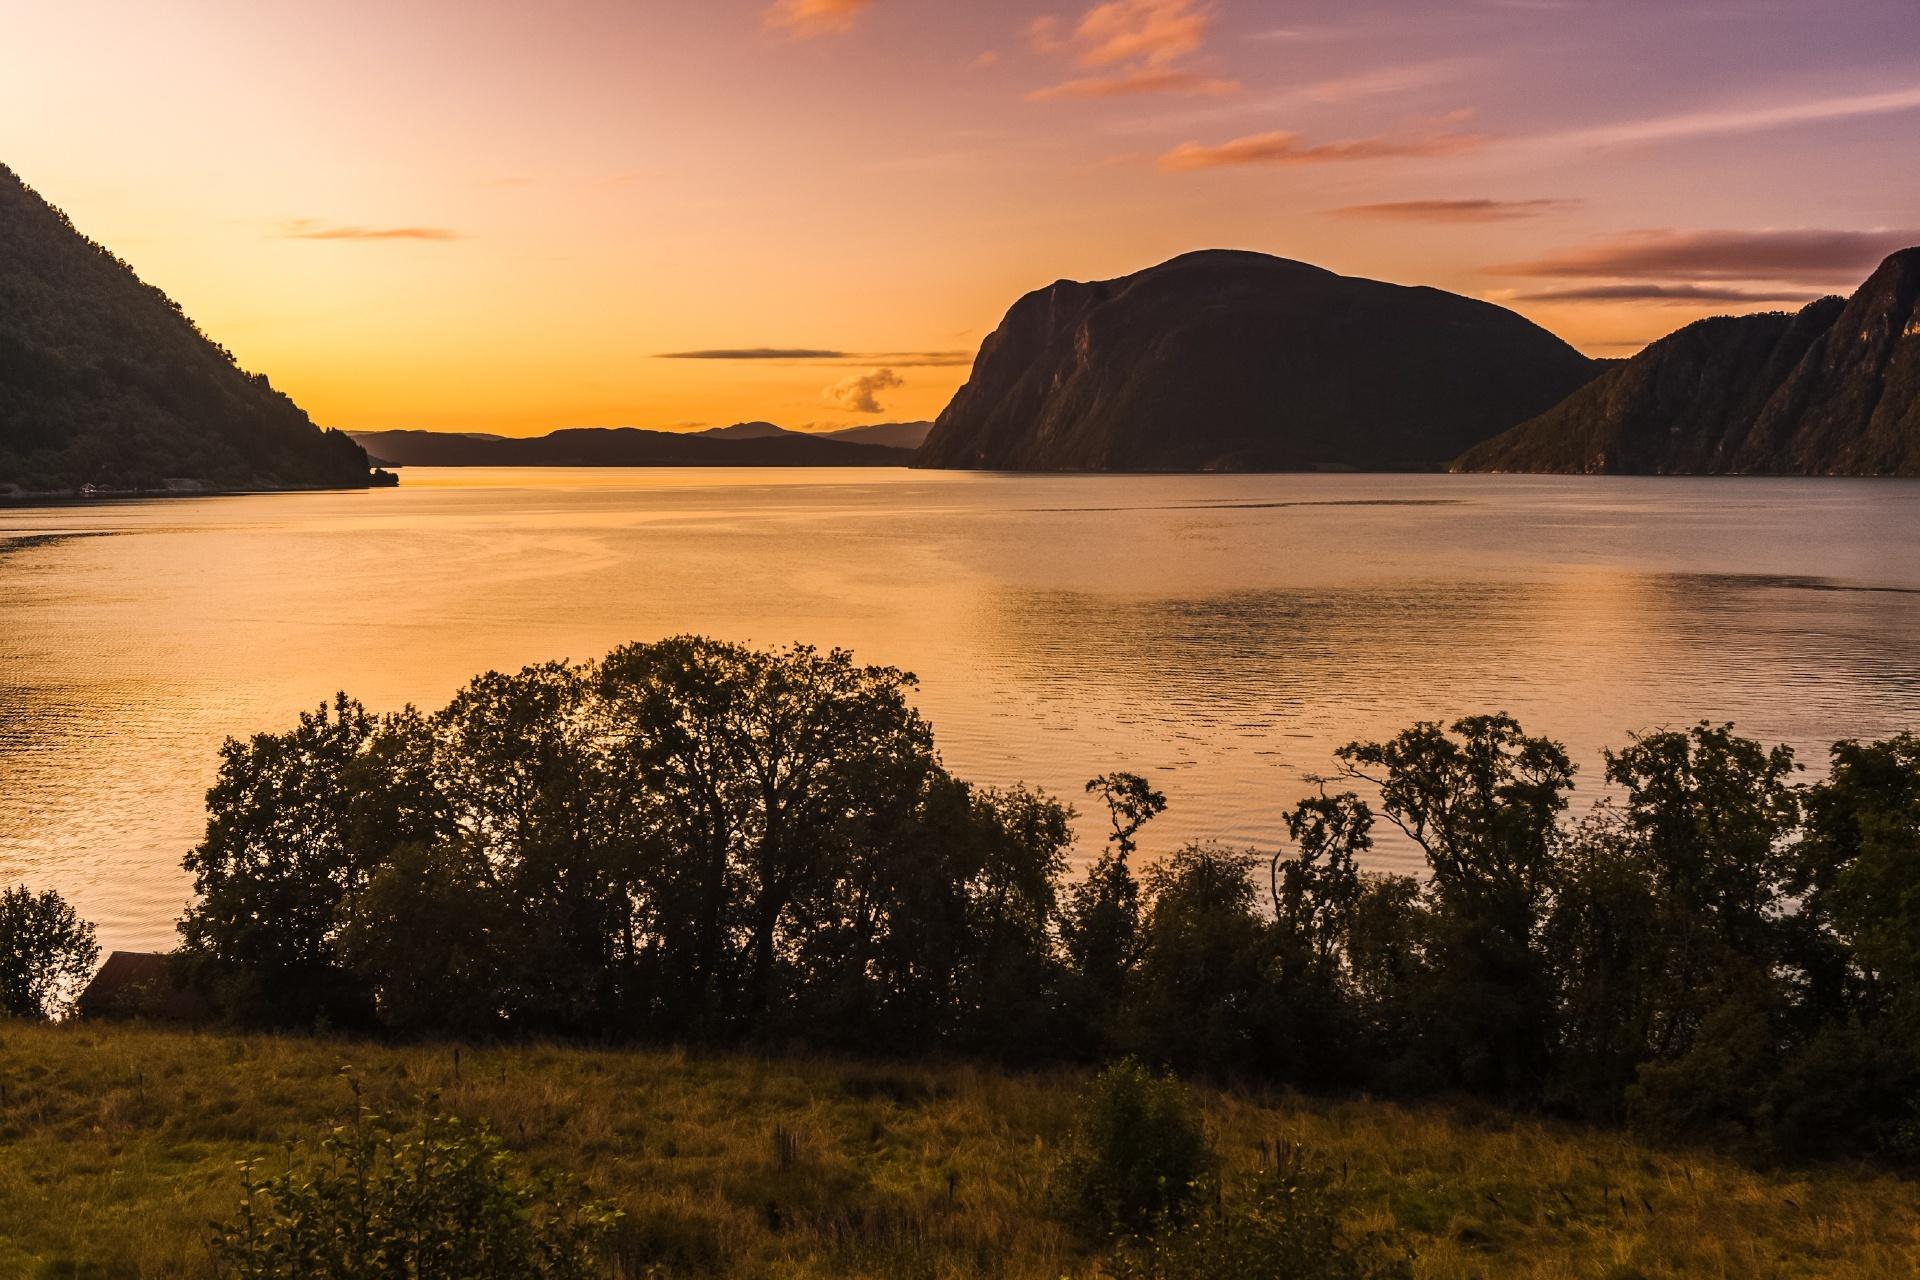 夕暮れの湖 ノルウェーの風景